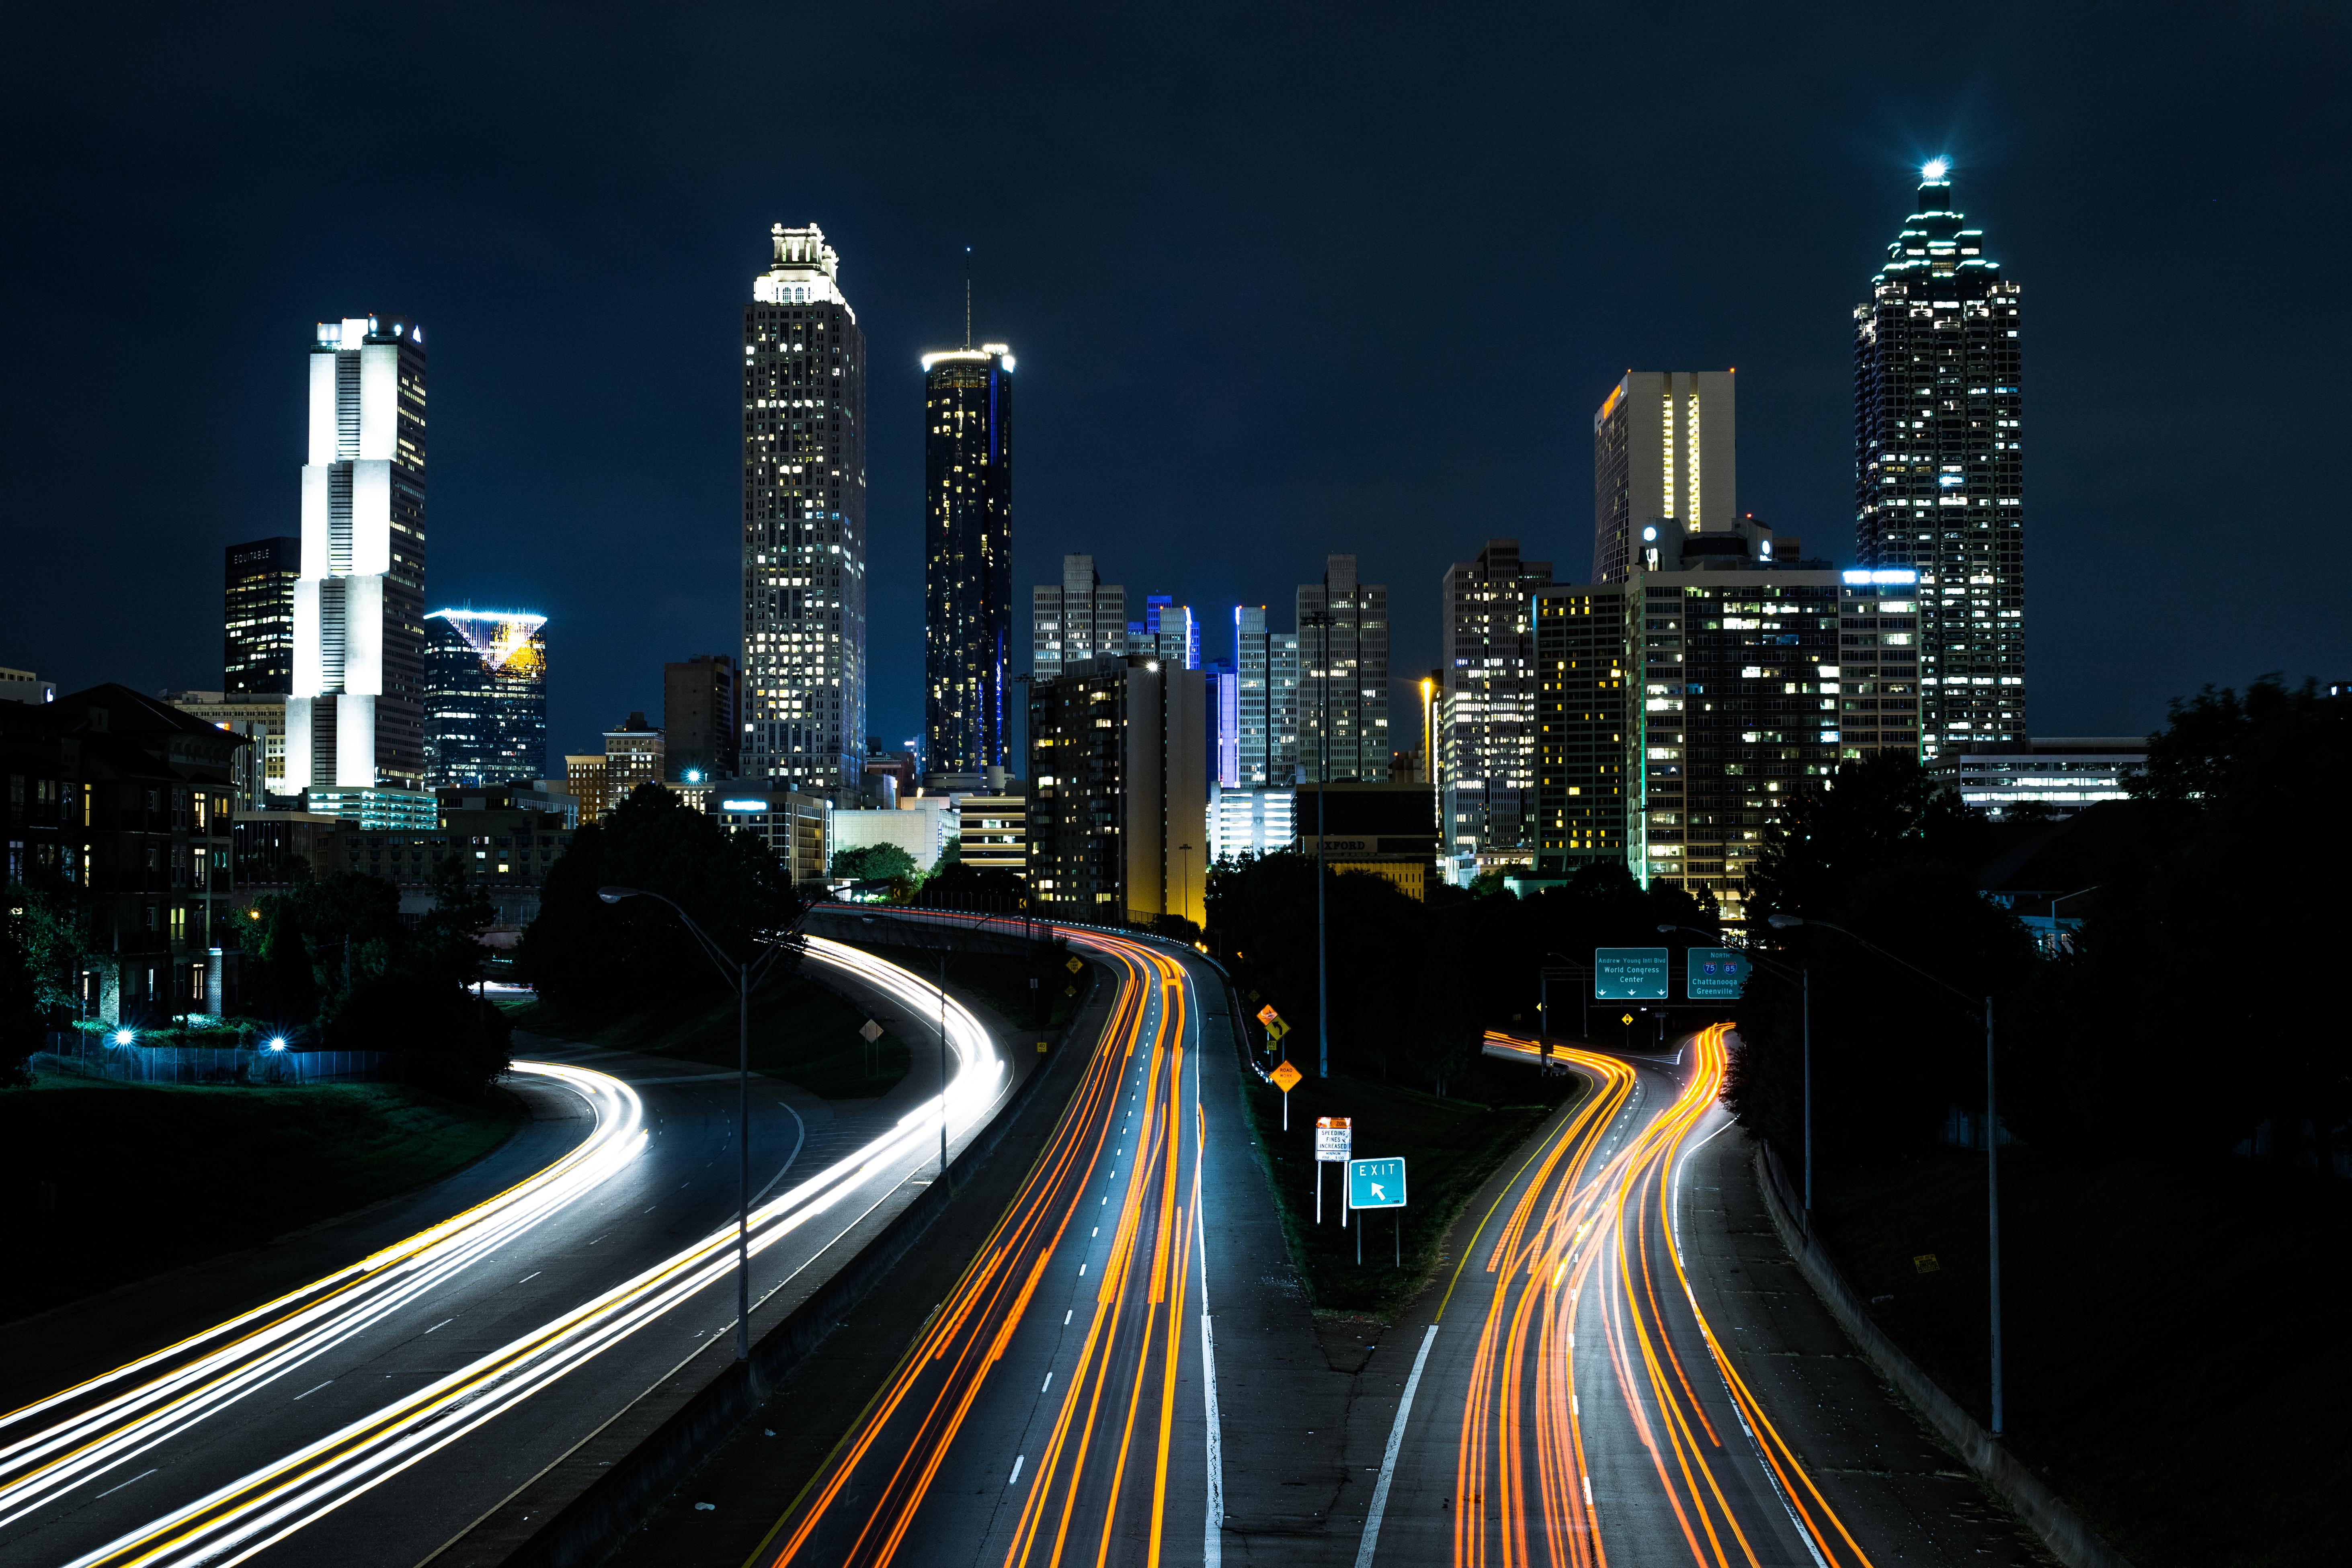 центр этого город дорог картинки любой день